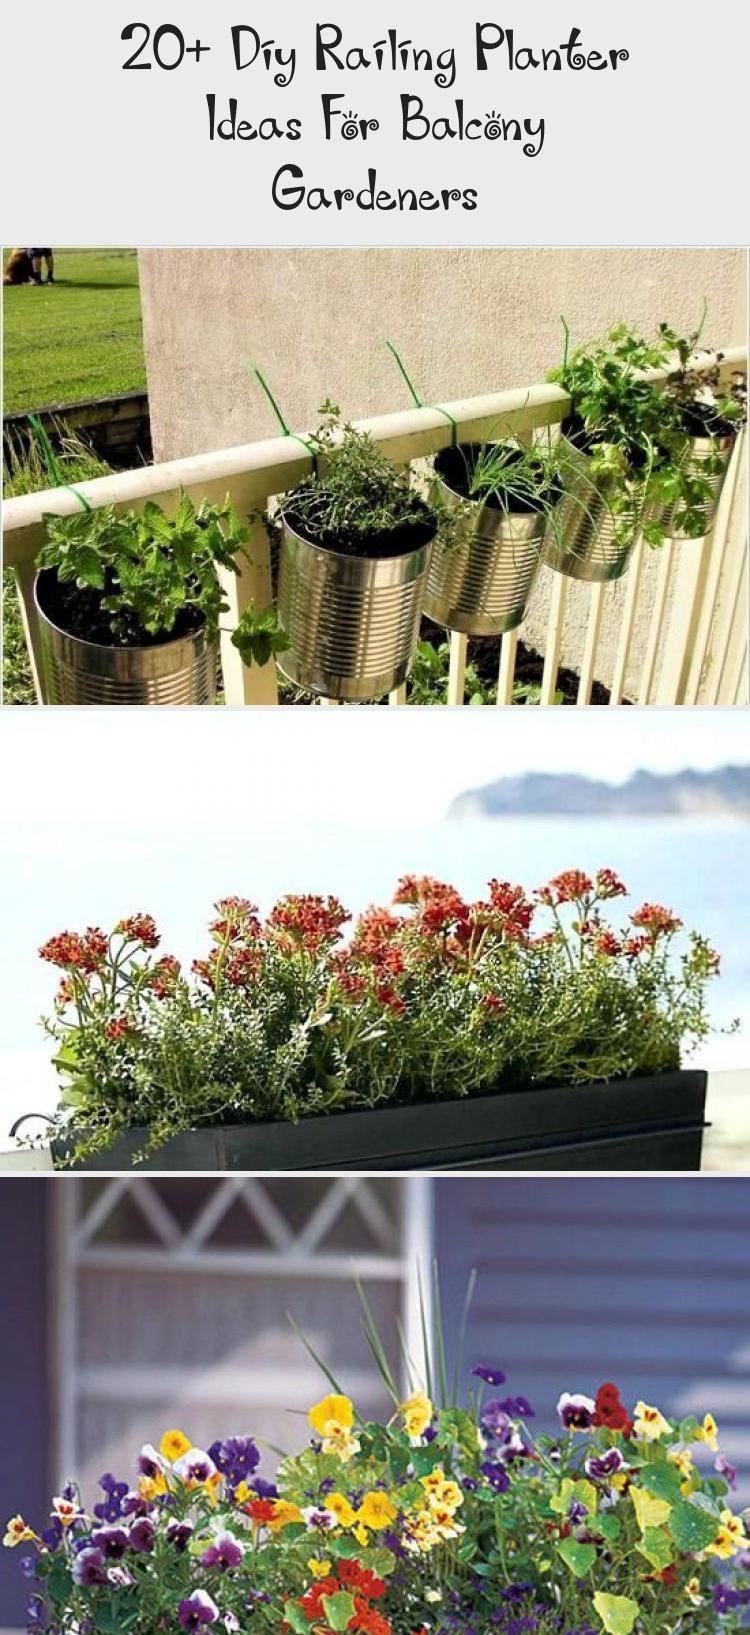 20 Diy Railing Planter Ideas For Balcony Gardeners Home Design